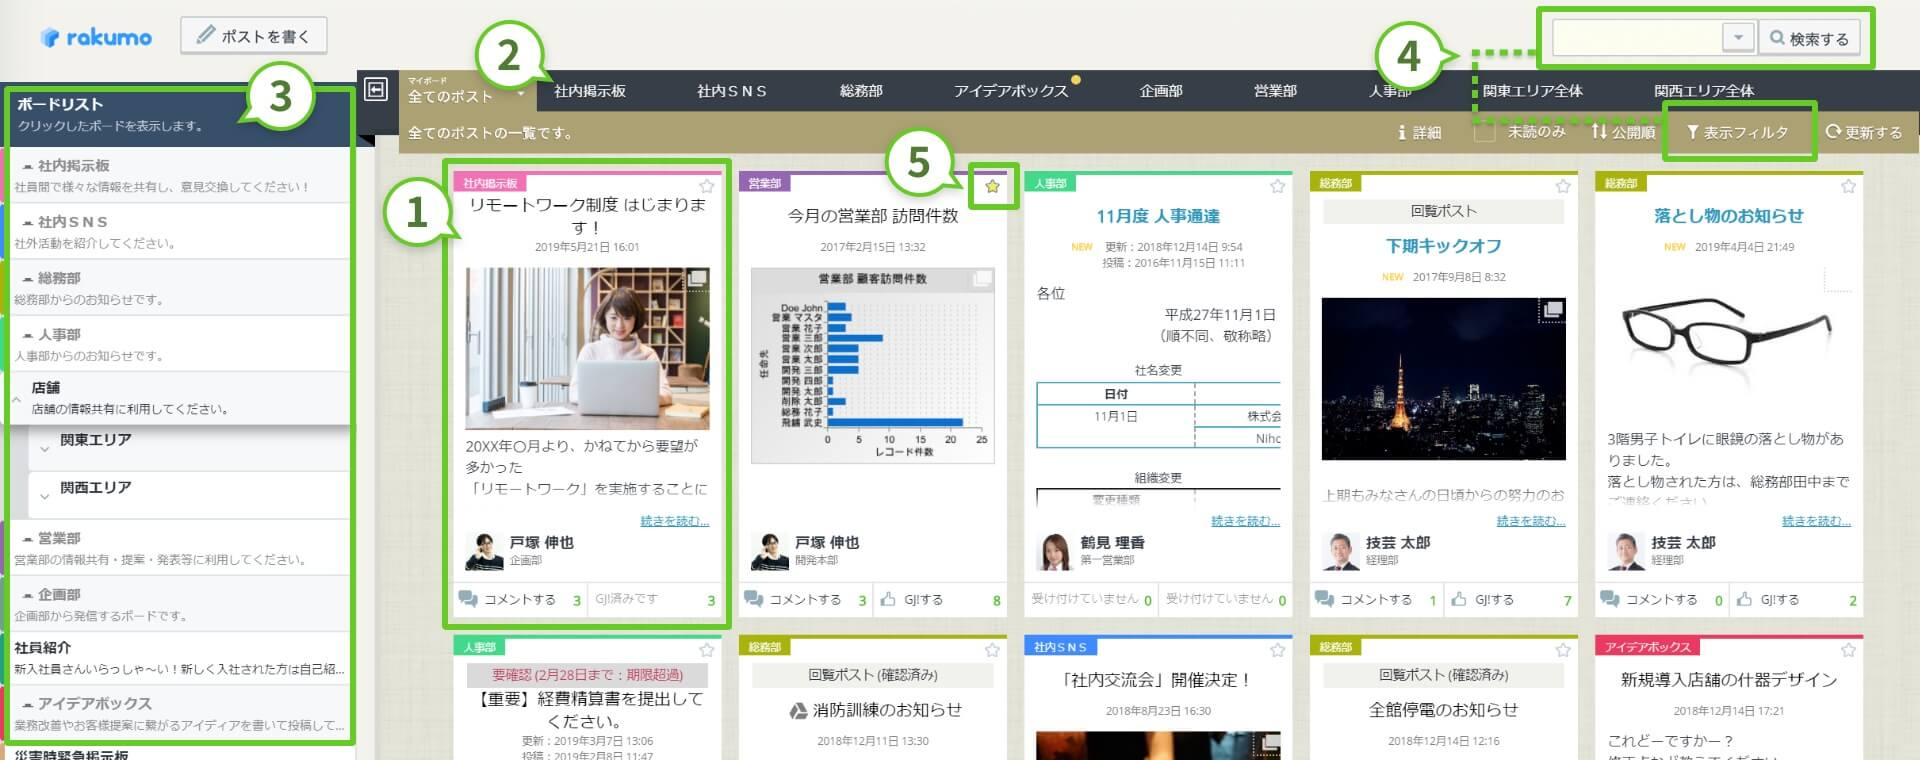 rakumo ボード 社内掲示板トップ画面